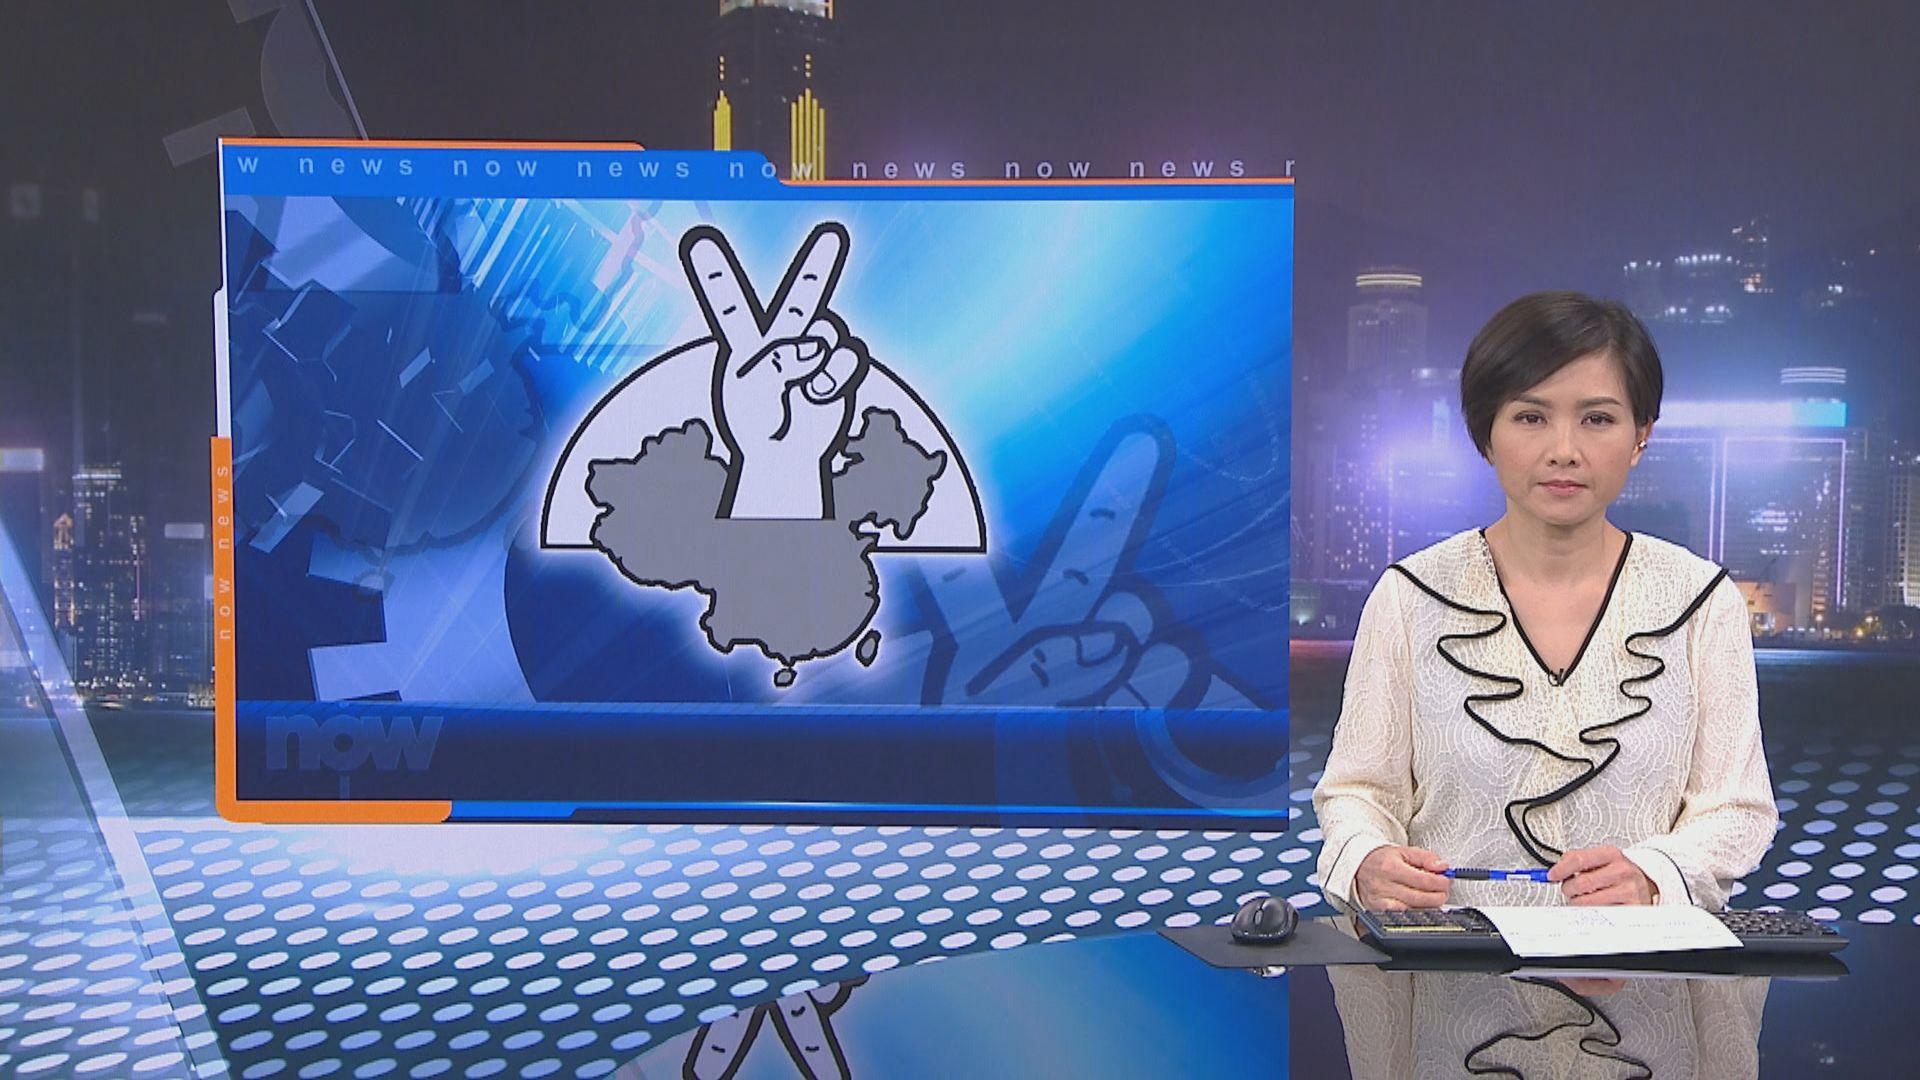 支聯會:當局起訴李卓人三人及支聯會煽動顛覆國家政權